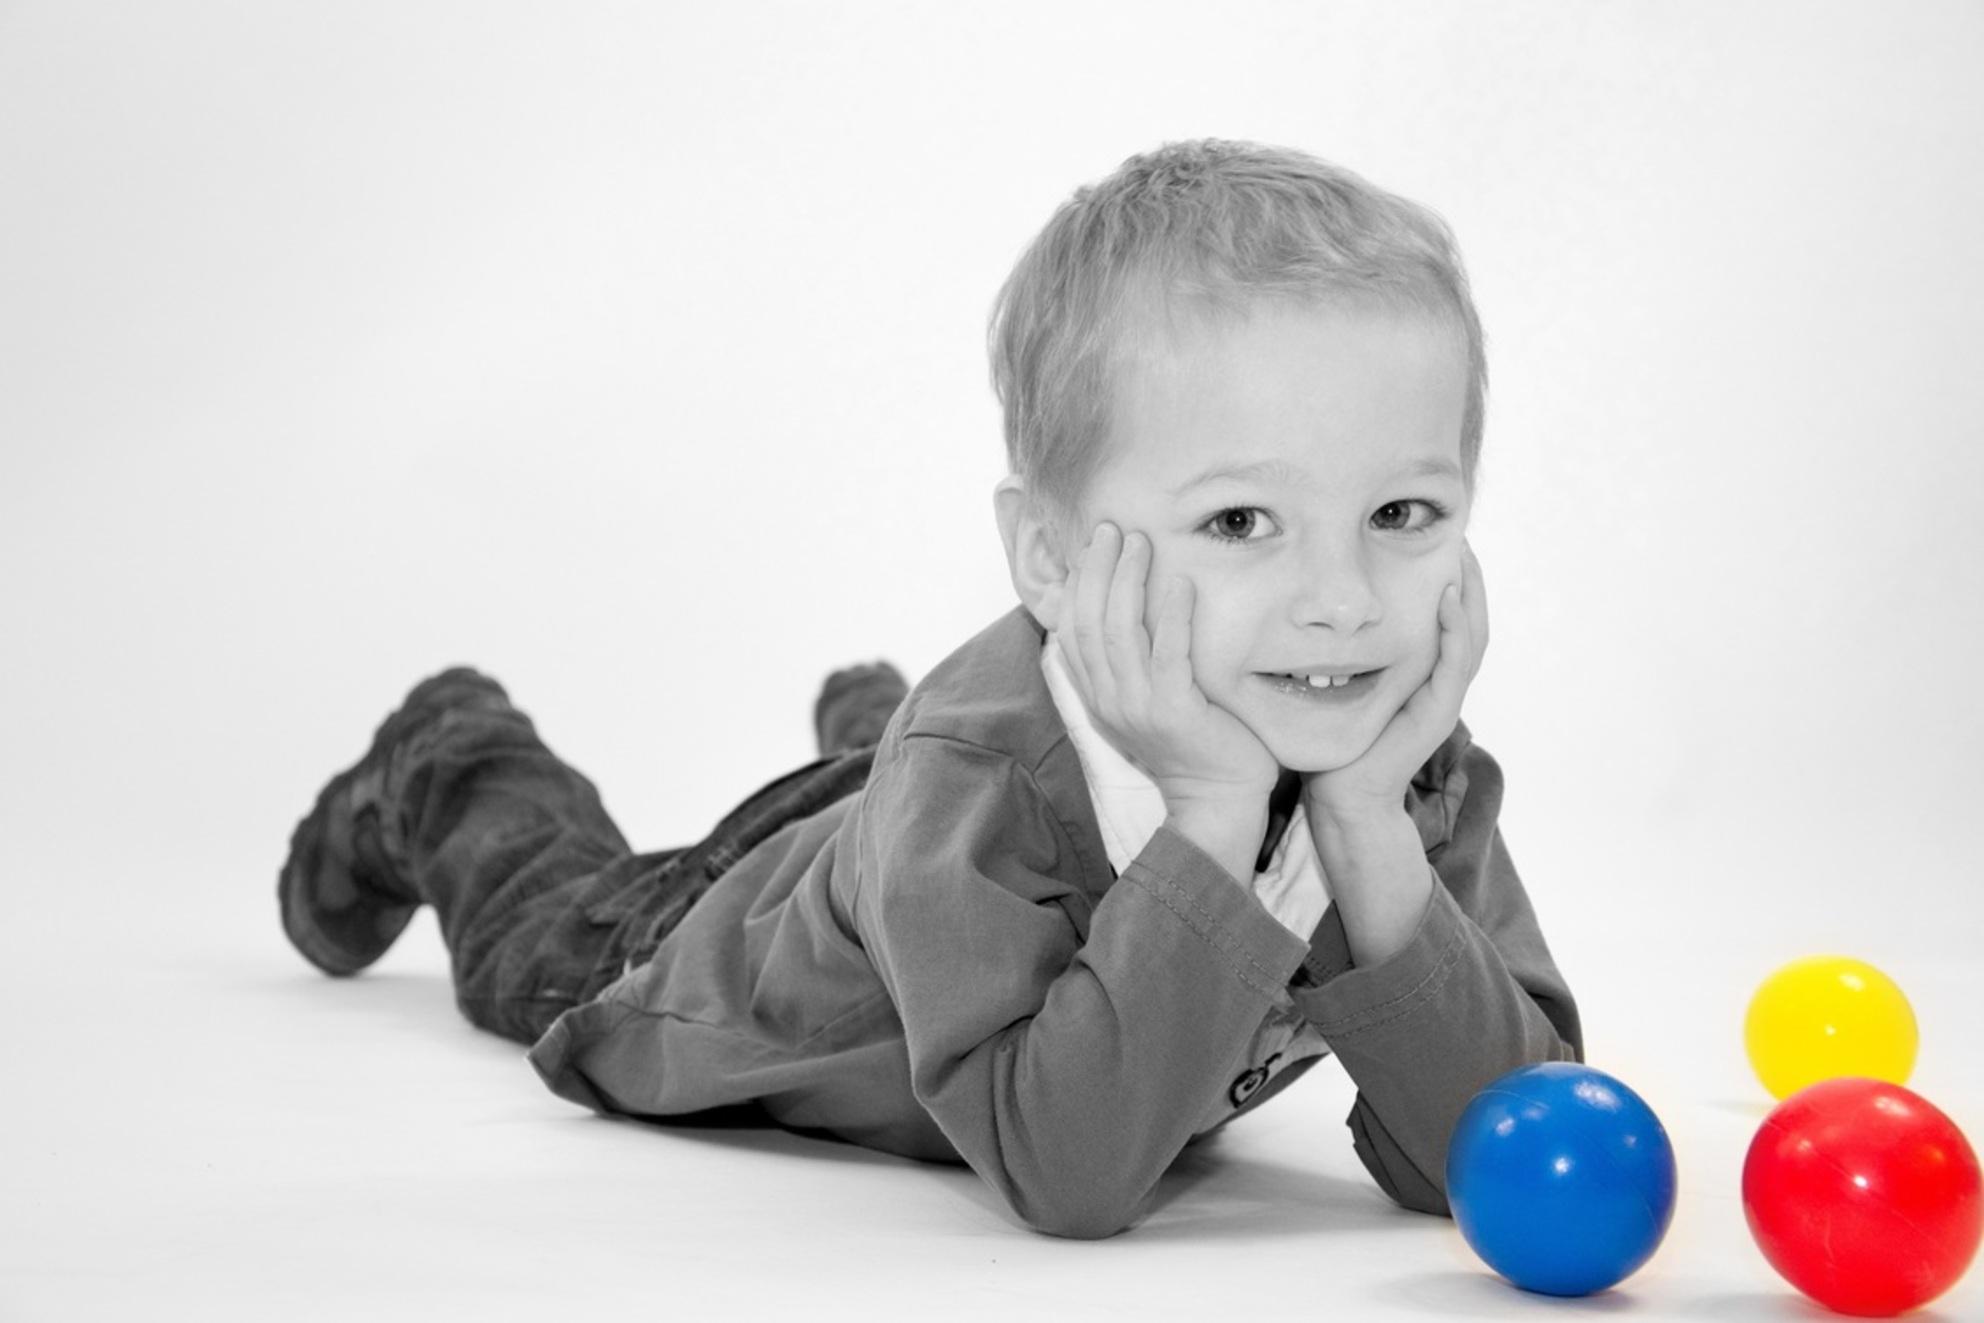 Met veel plezier op de foto - Ivan heeft het erg naar zijn zin tijdens de fotoshoot - foto door vinenes op 22-12-2011 - deze foto bevat: portret, kind - Deze foto mag gebruikt worden in een Zoom.nl publicatie